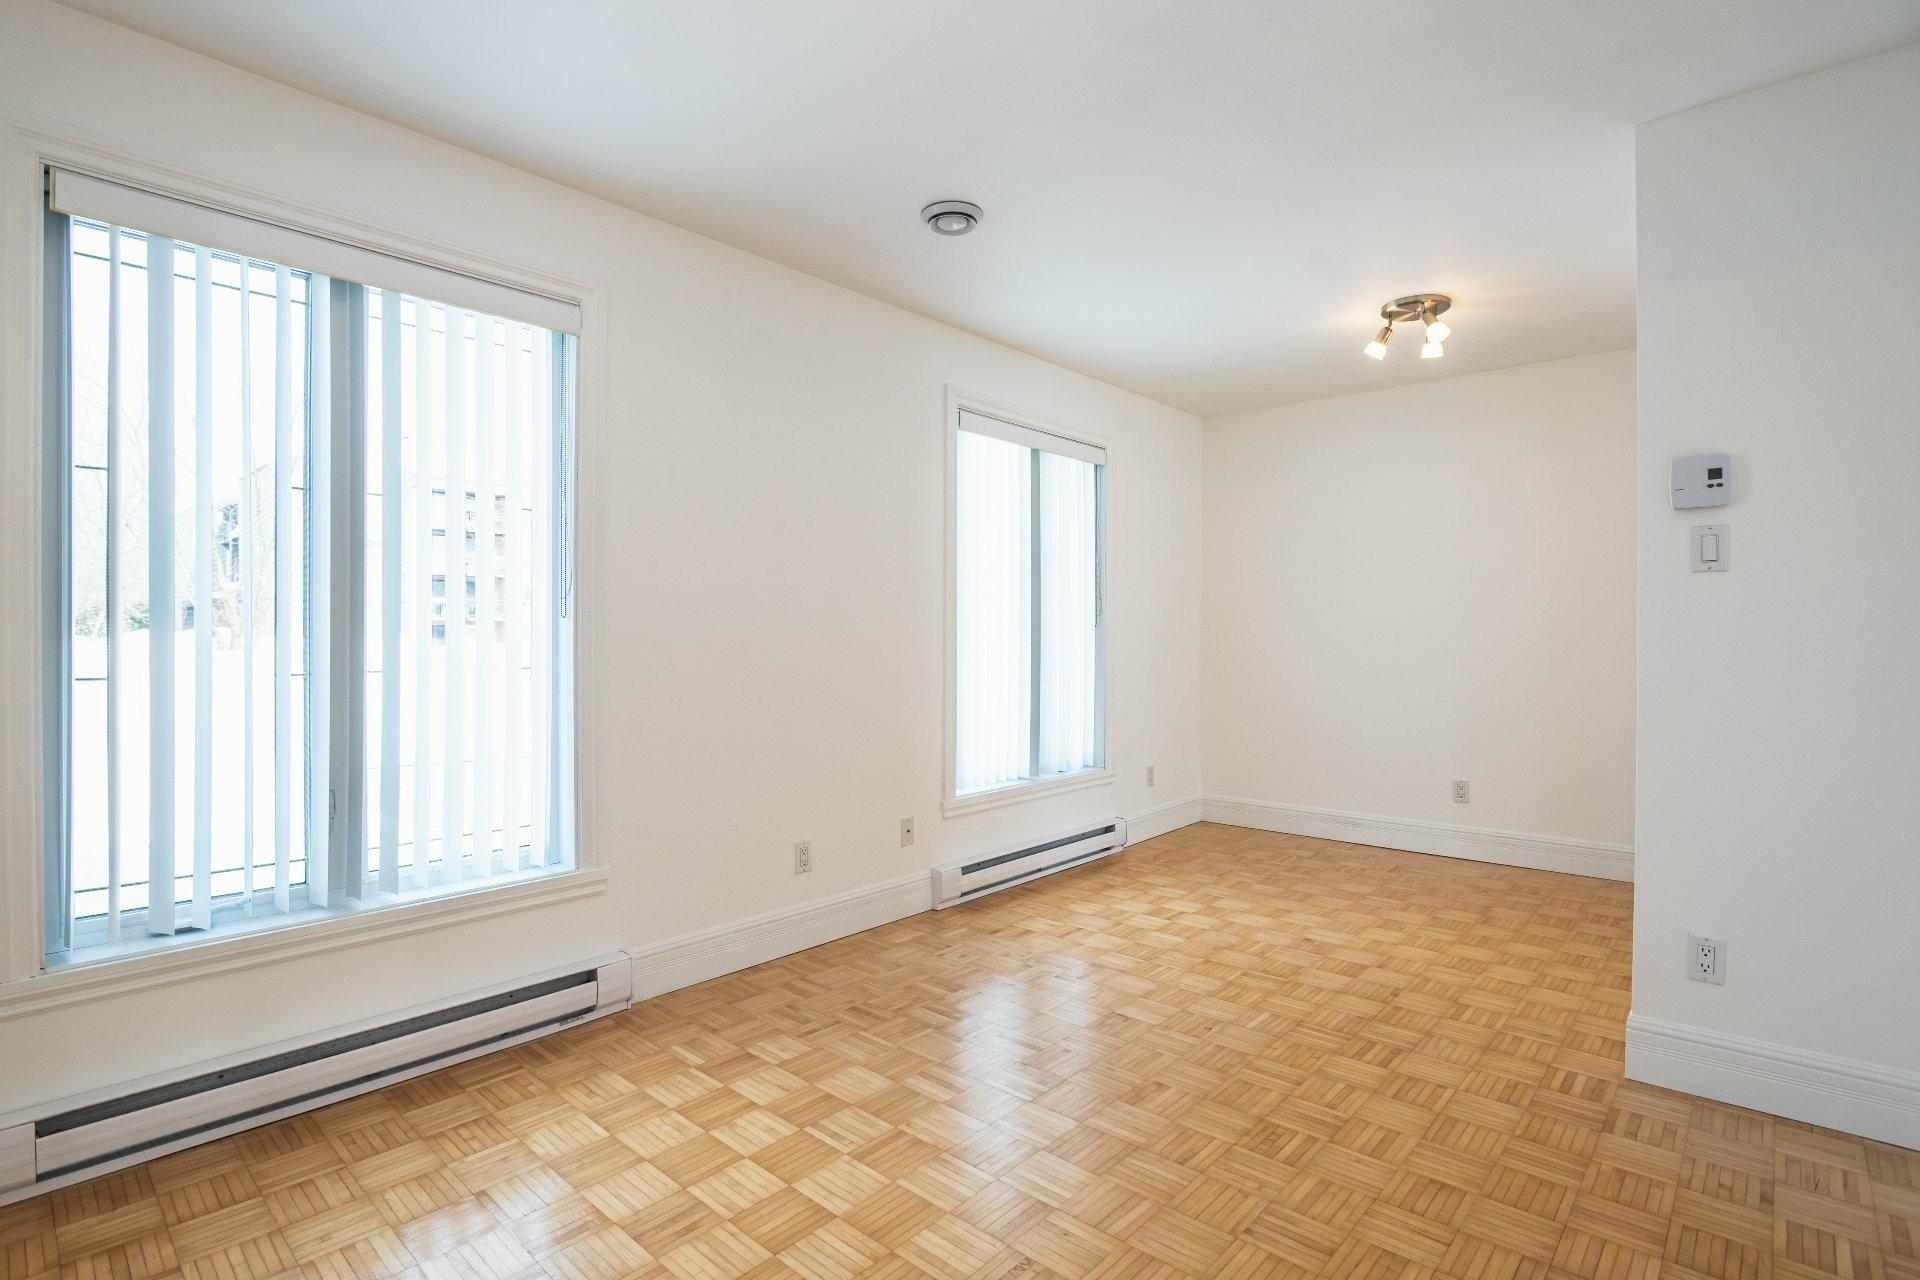 image 10 - Duplex For sale Saint-Augustin-de-Desmaures - 6 rooms